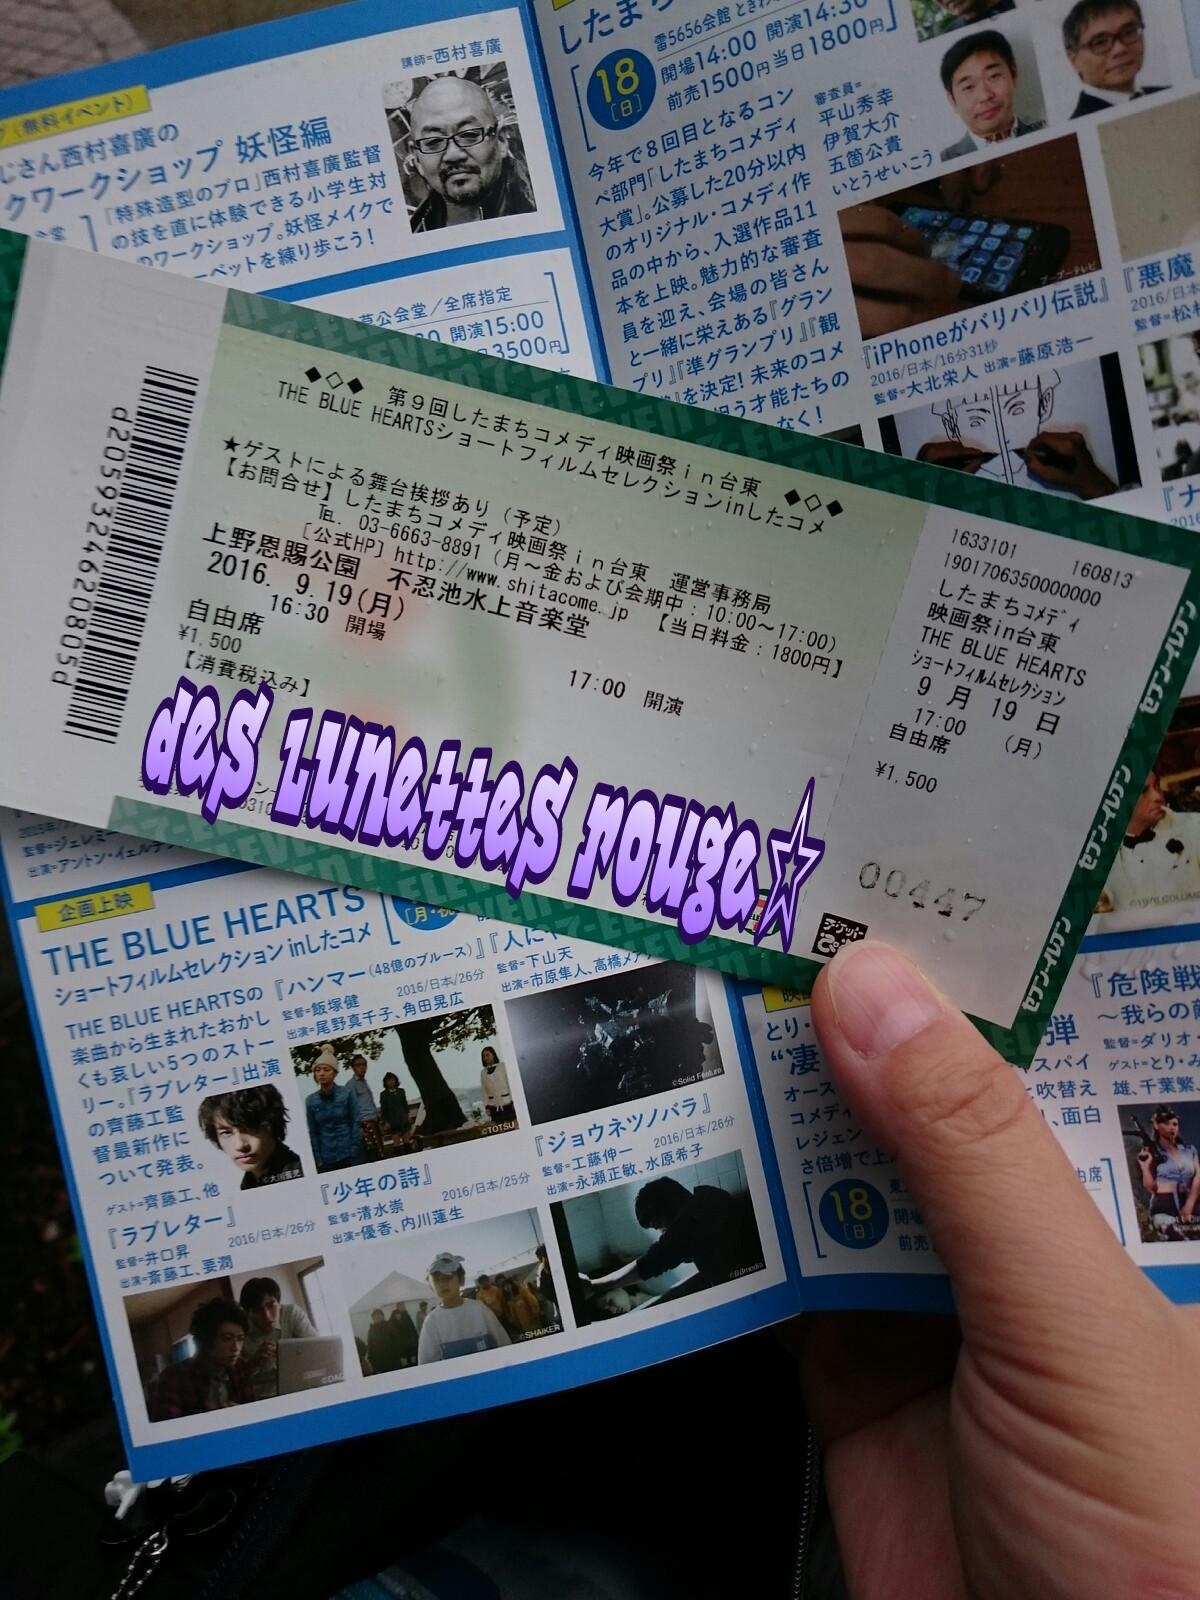 したまちコメディ映画祭in台東